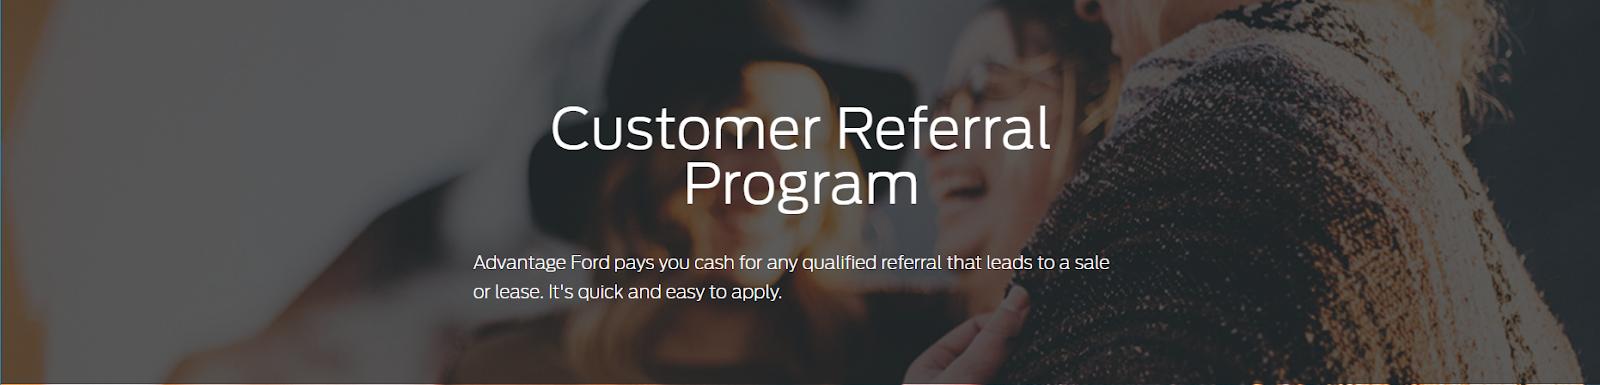 Ford referral program D2C